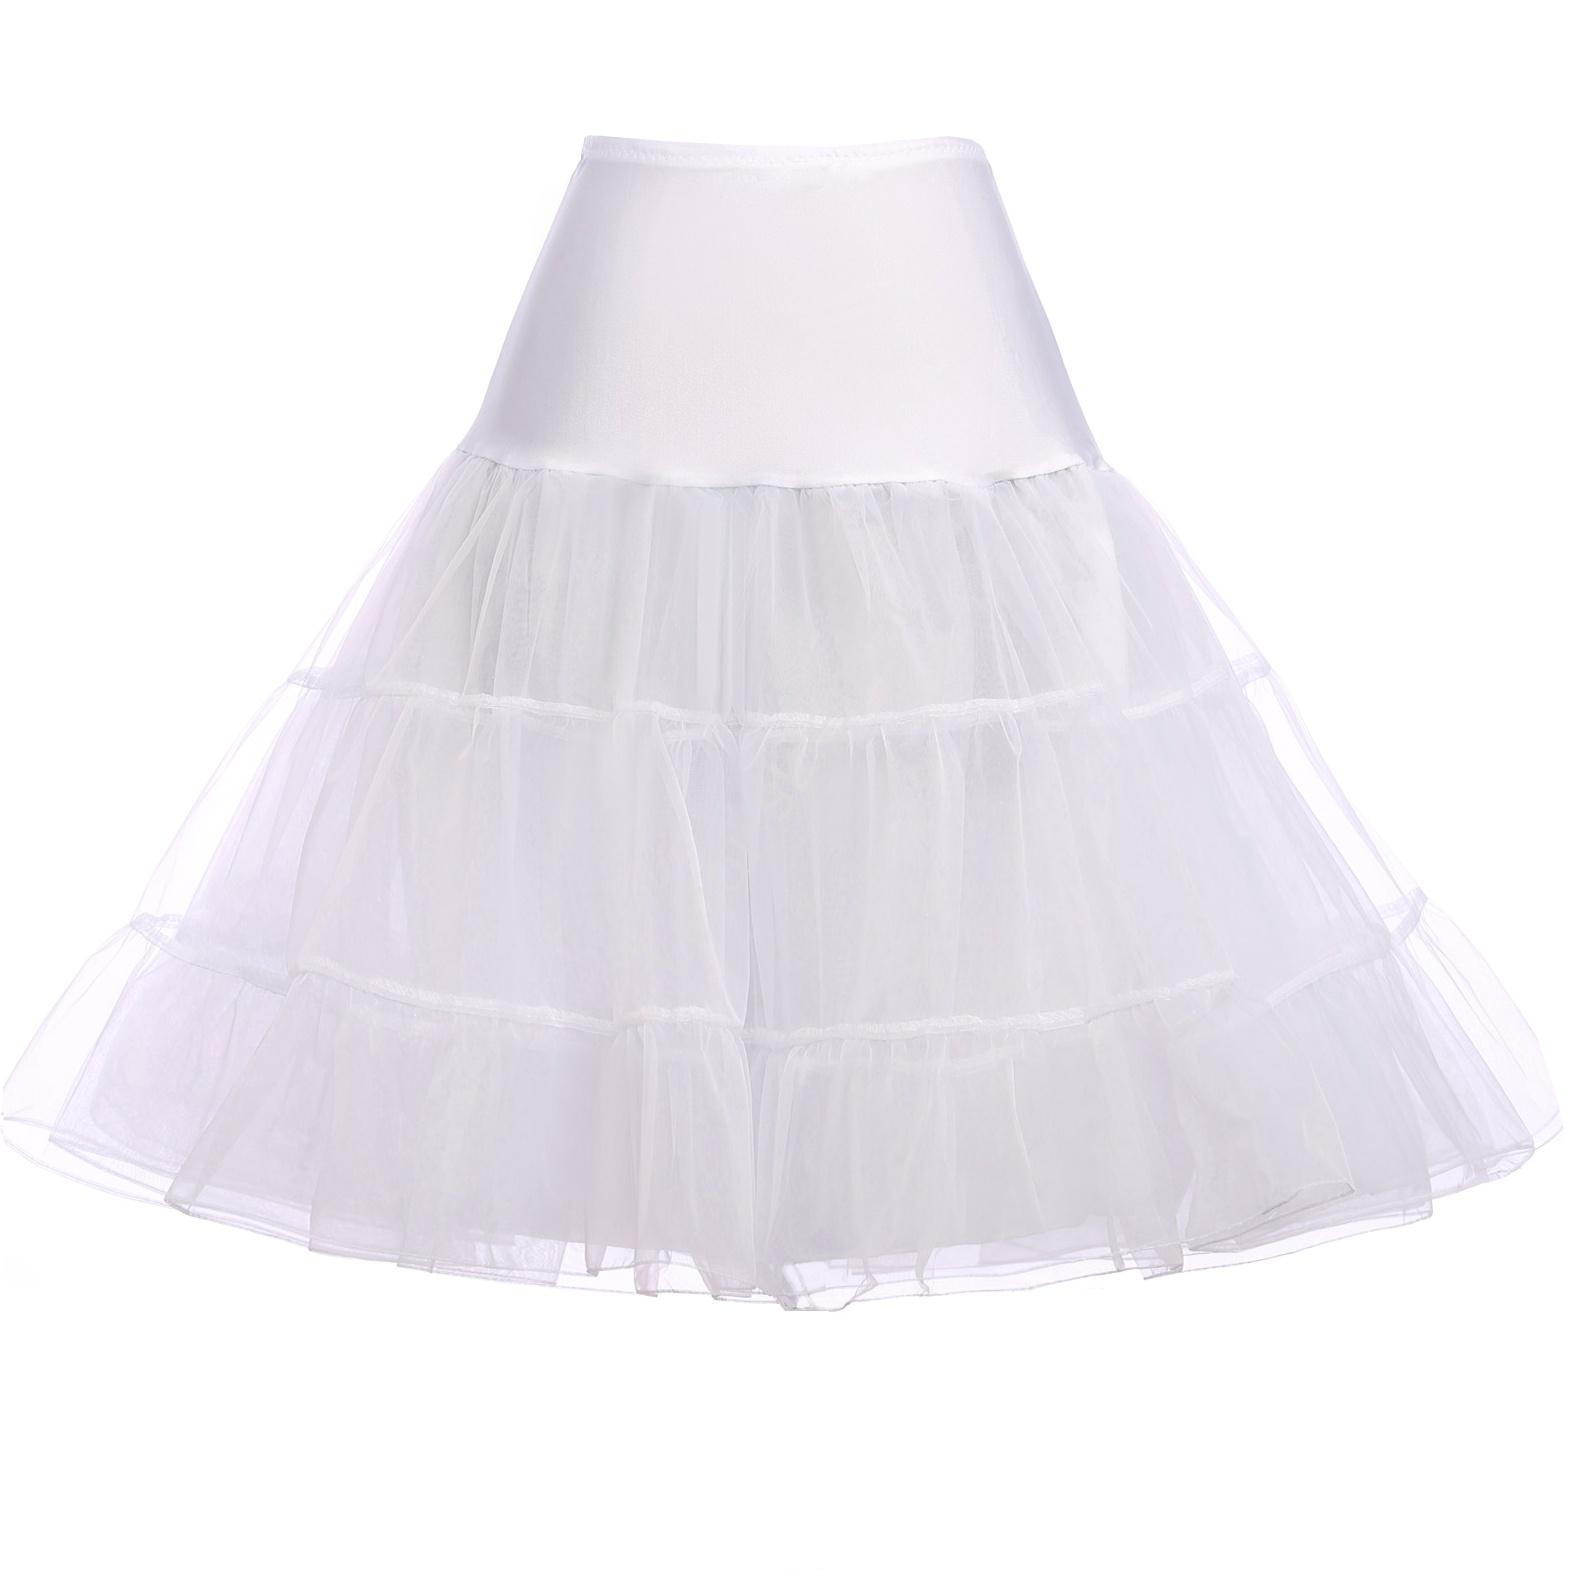 Spódnica Pin-Up, halka pod sukienkę biała - Lejdi